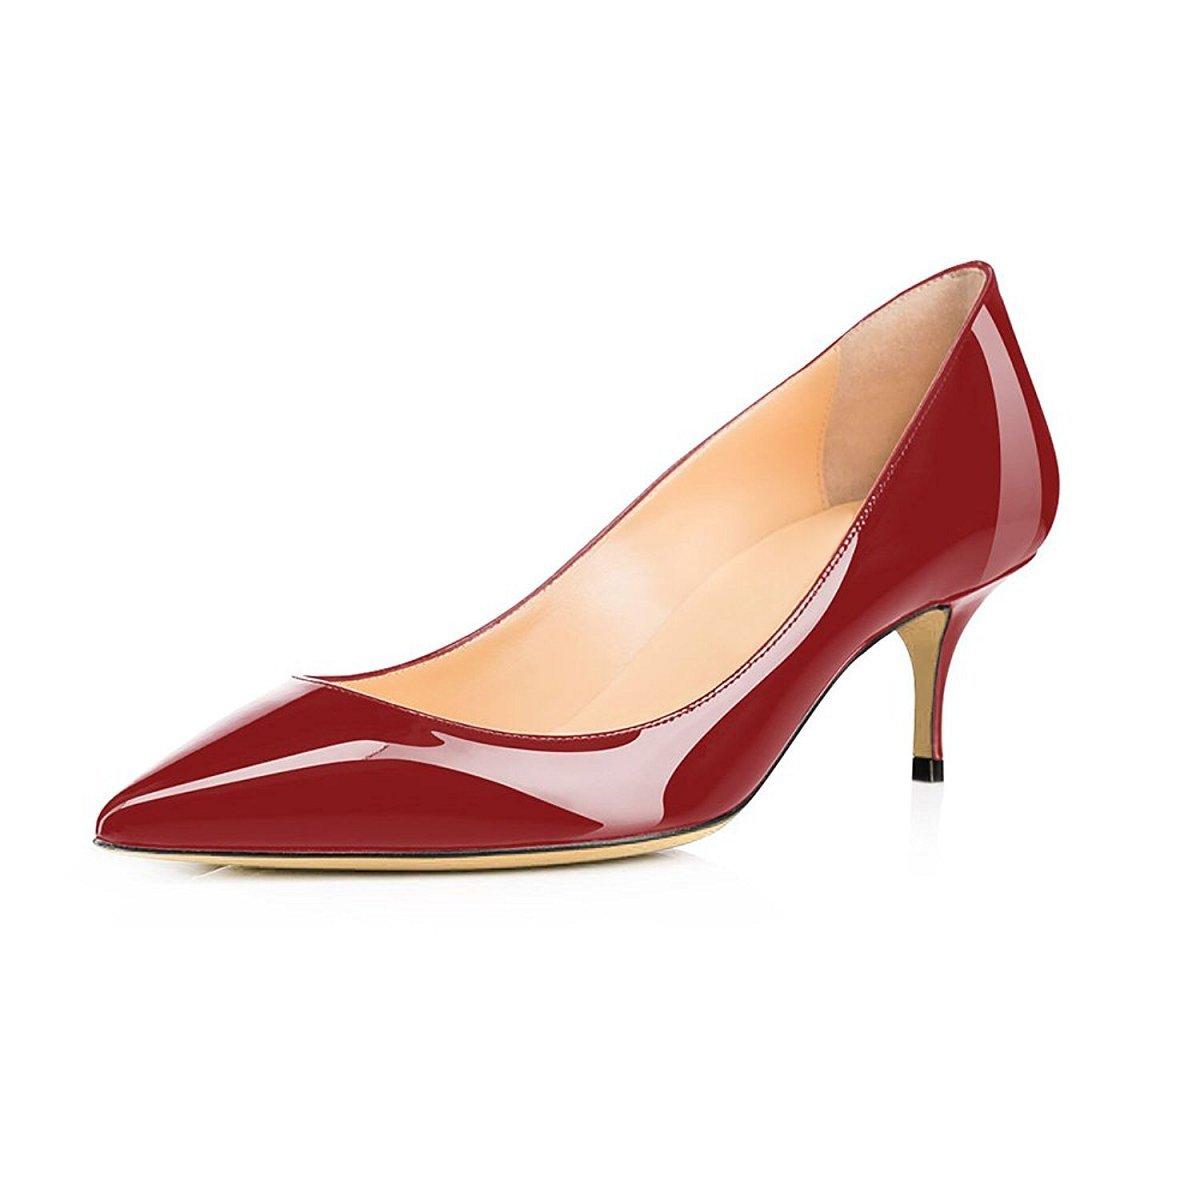 0232e585e256c Soireelady Escarpins Femme à Talon Moyen Élégante Club Soiree Bureau  Chaussures  Amazon.fr  Chaussures et Sacs